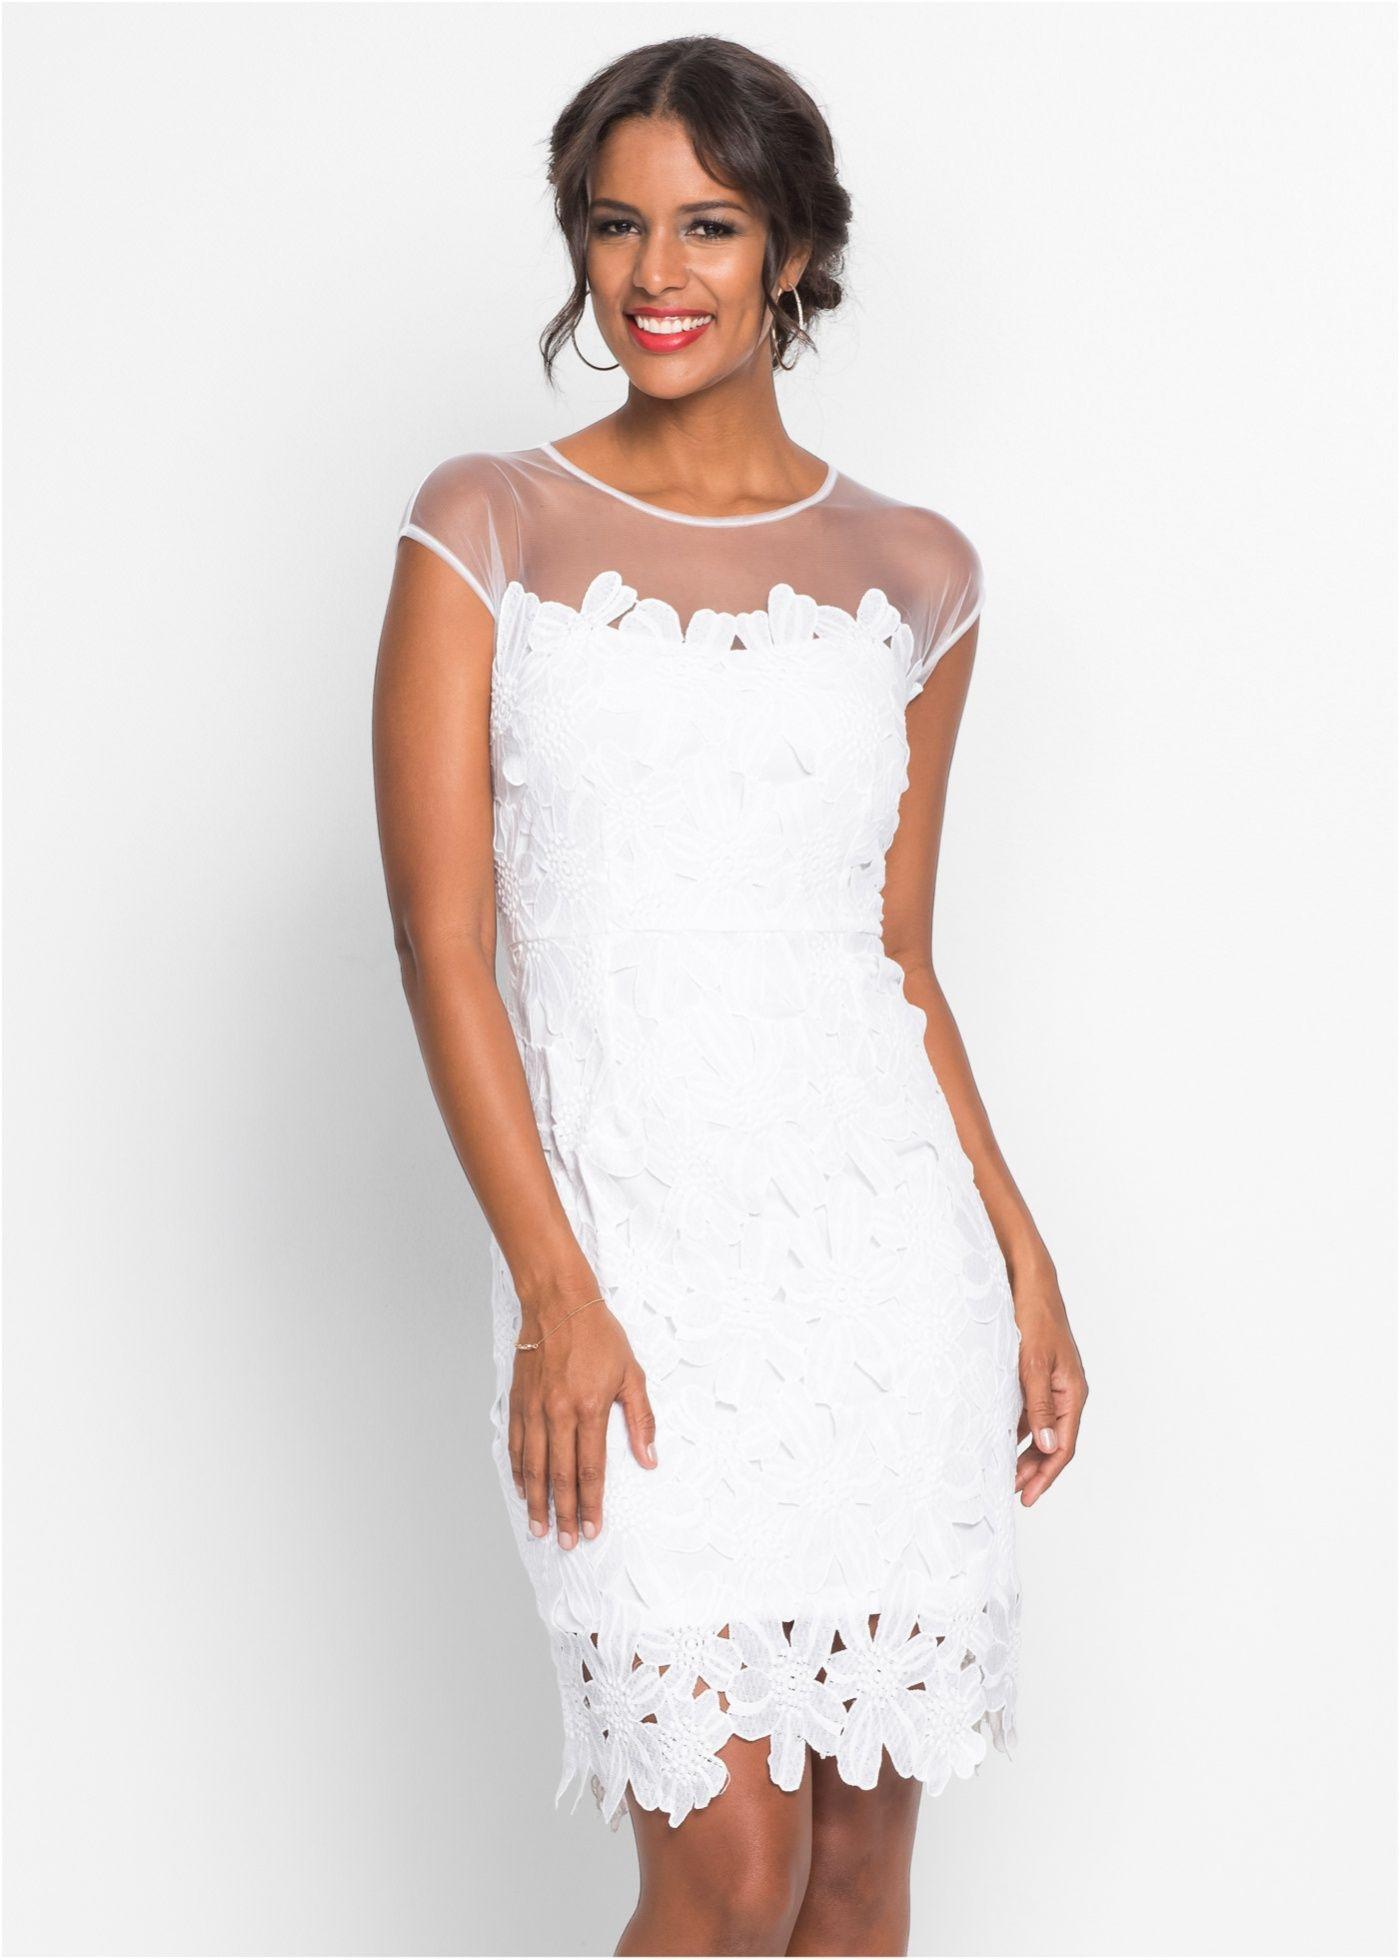 Kleid Mit Blumenspitze Weiß  Damen  Bonprixde  Kleider